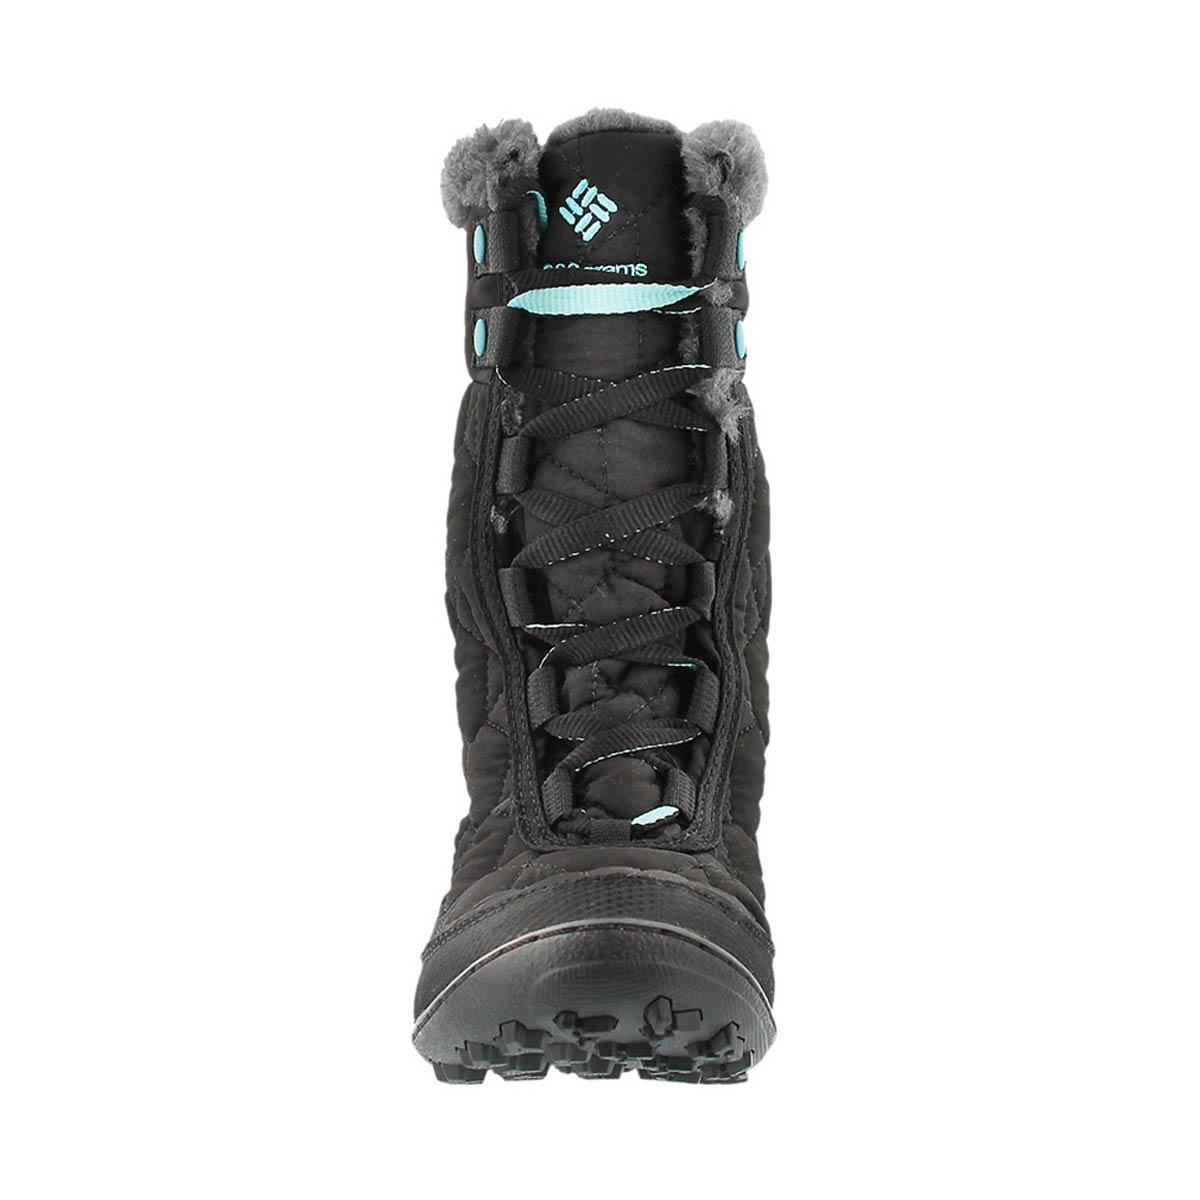 Grls Minx Mid II black winter boot